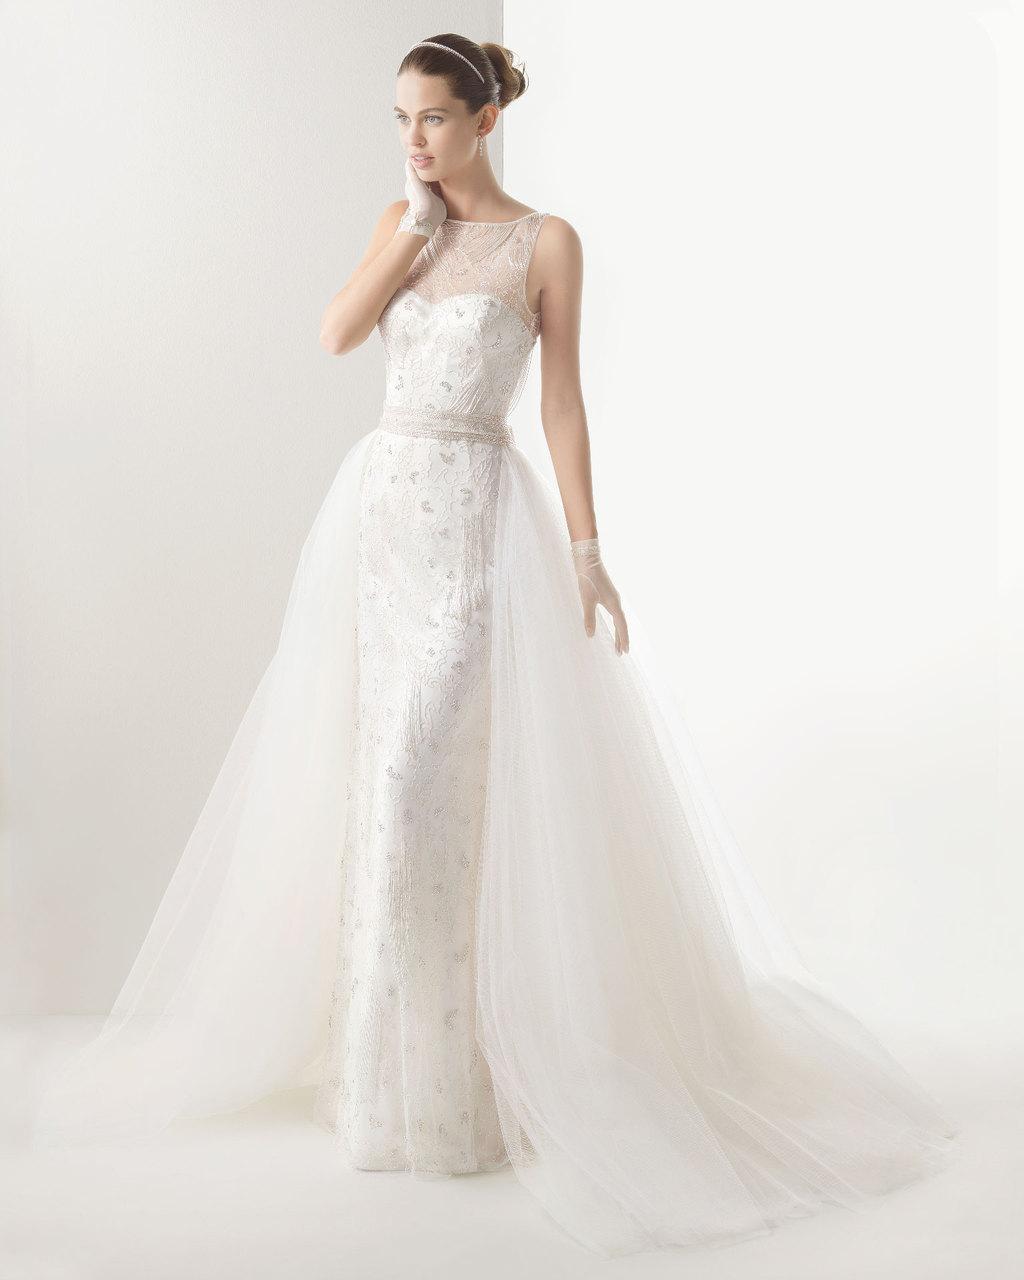 Rosa-clara-wedding-dress-2014-bridal-claudia.full